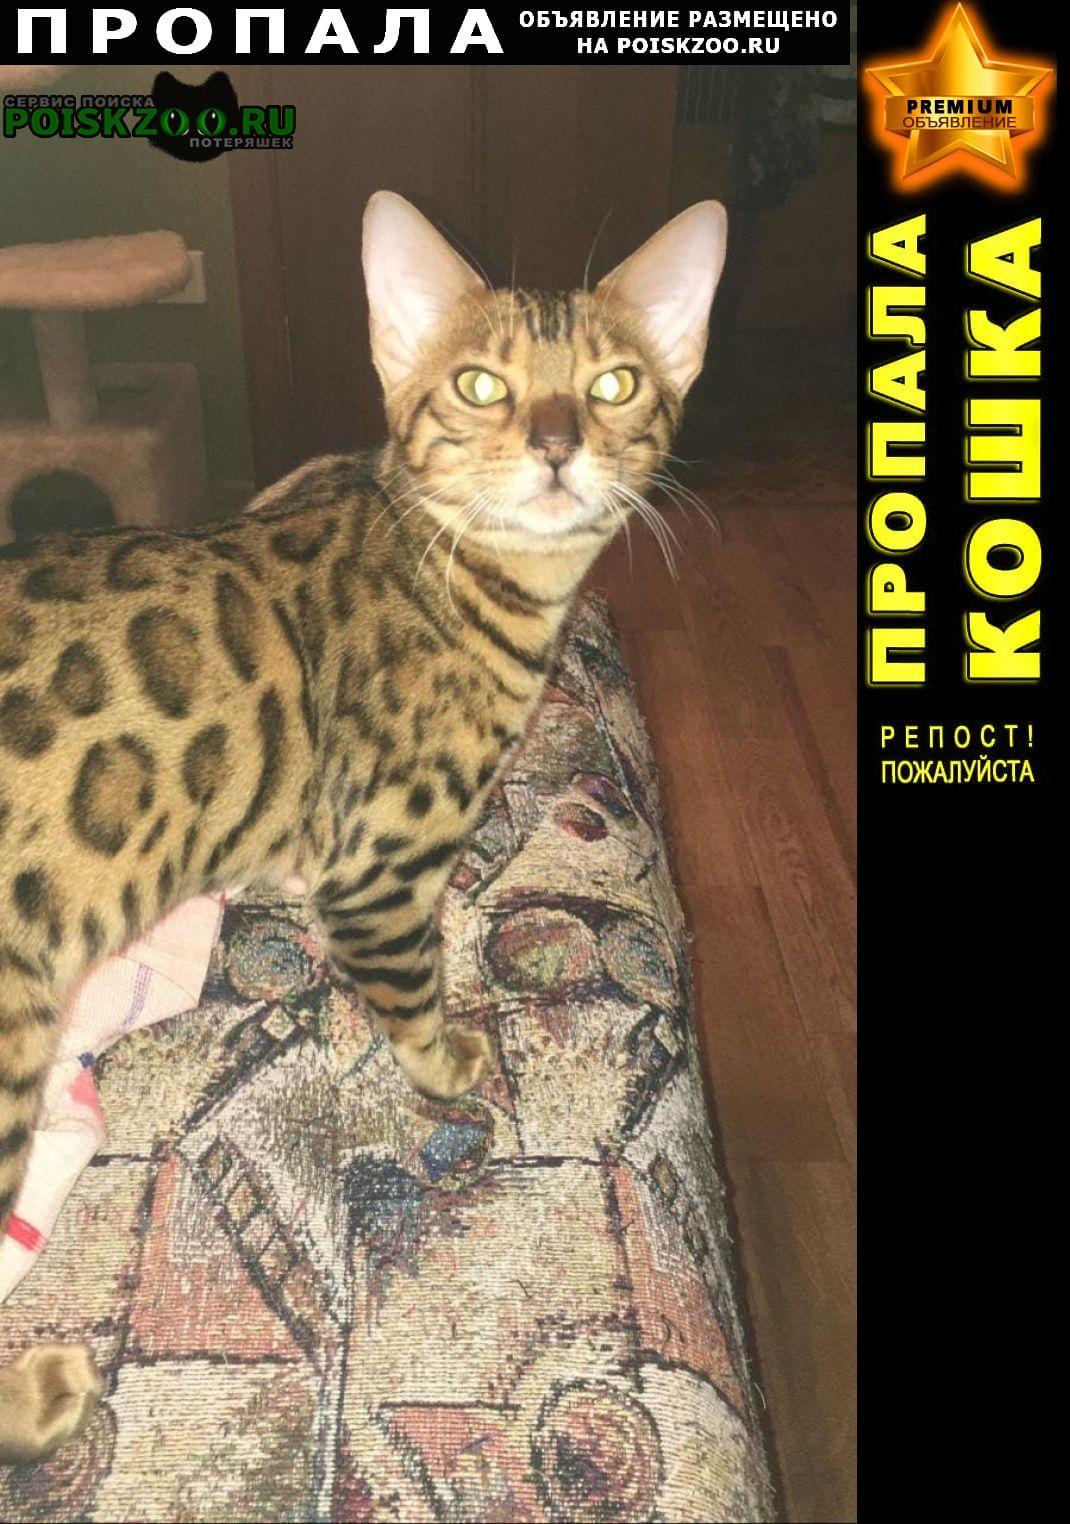 Пропала кошка бенгальская порода, возраст менее года Ростов-на-Дону